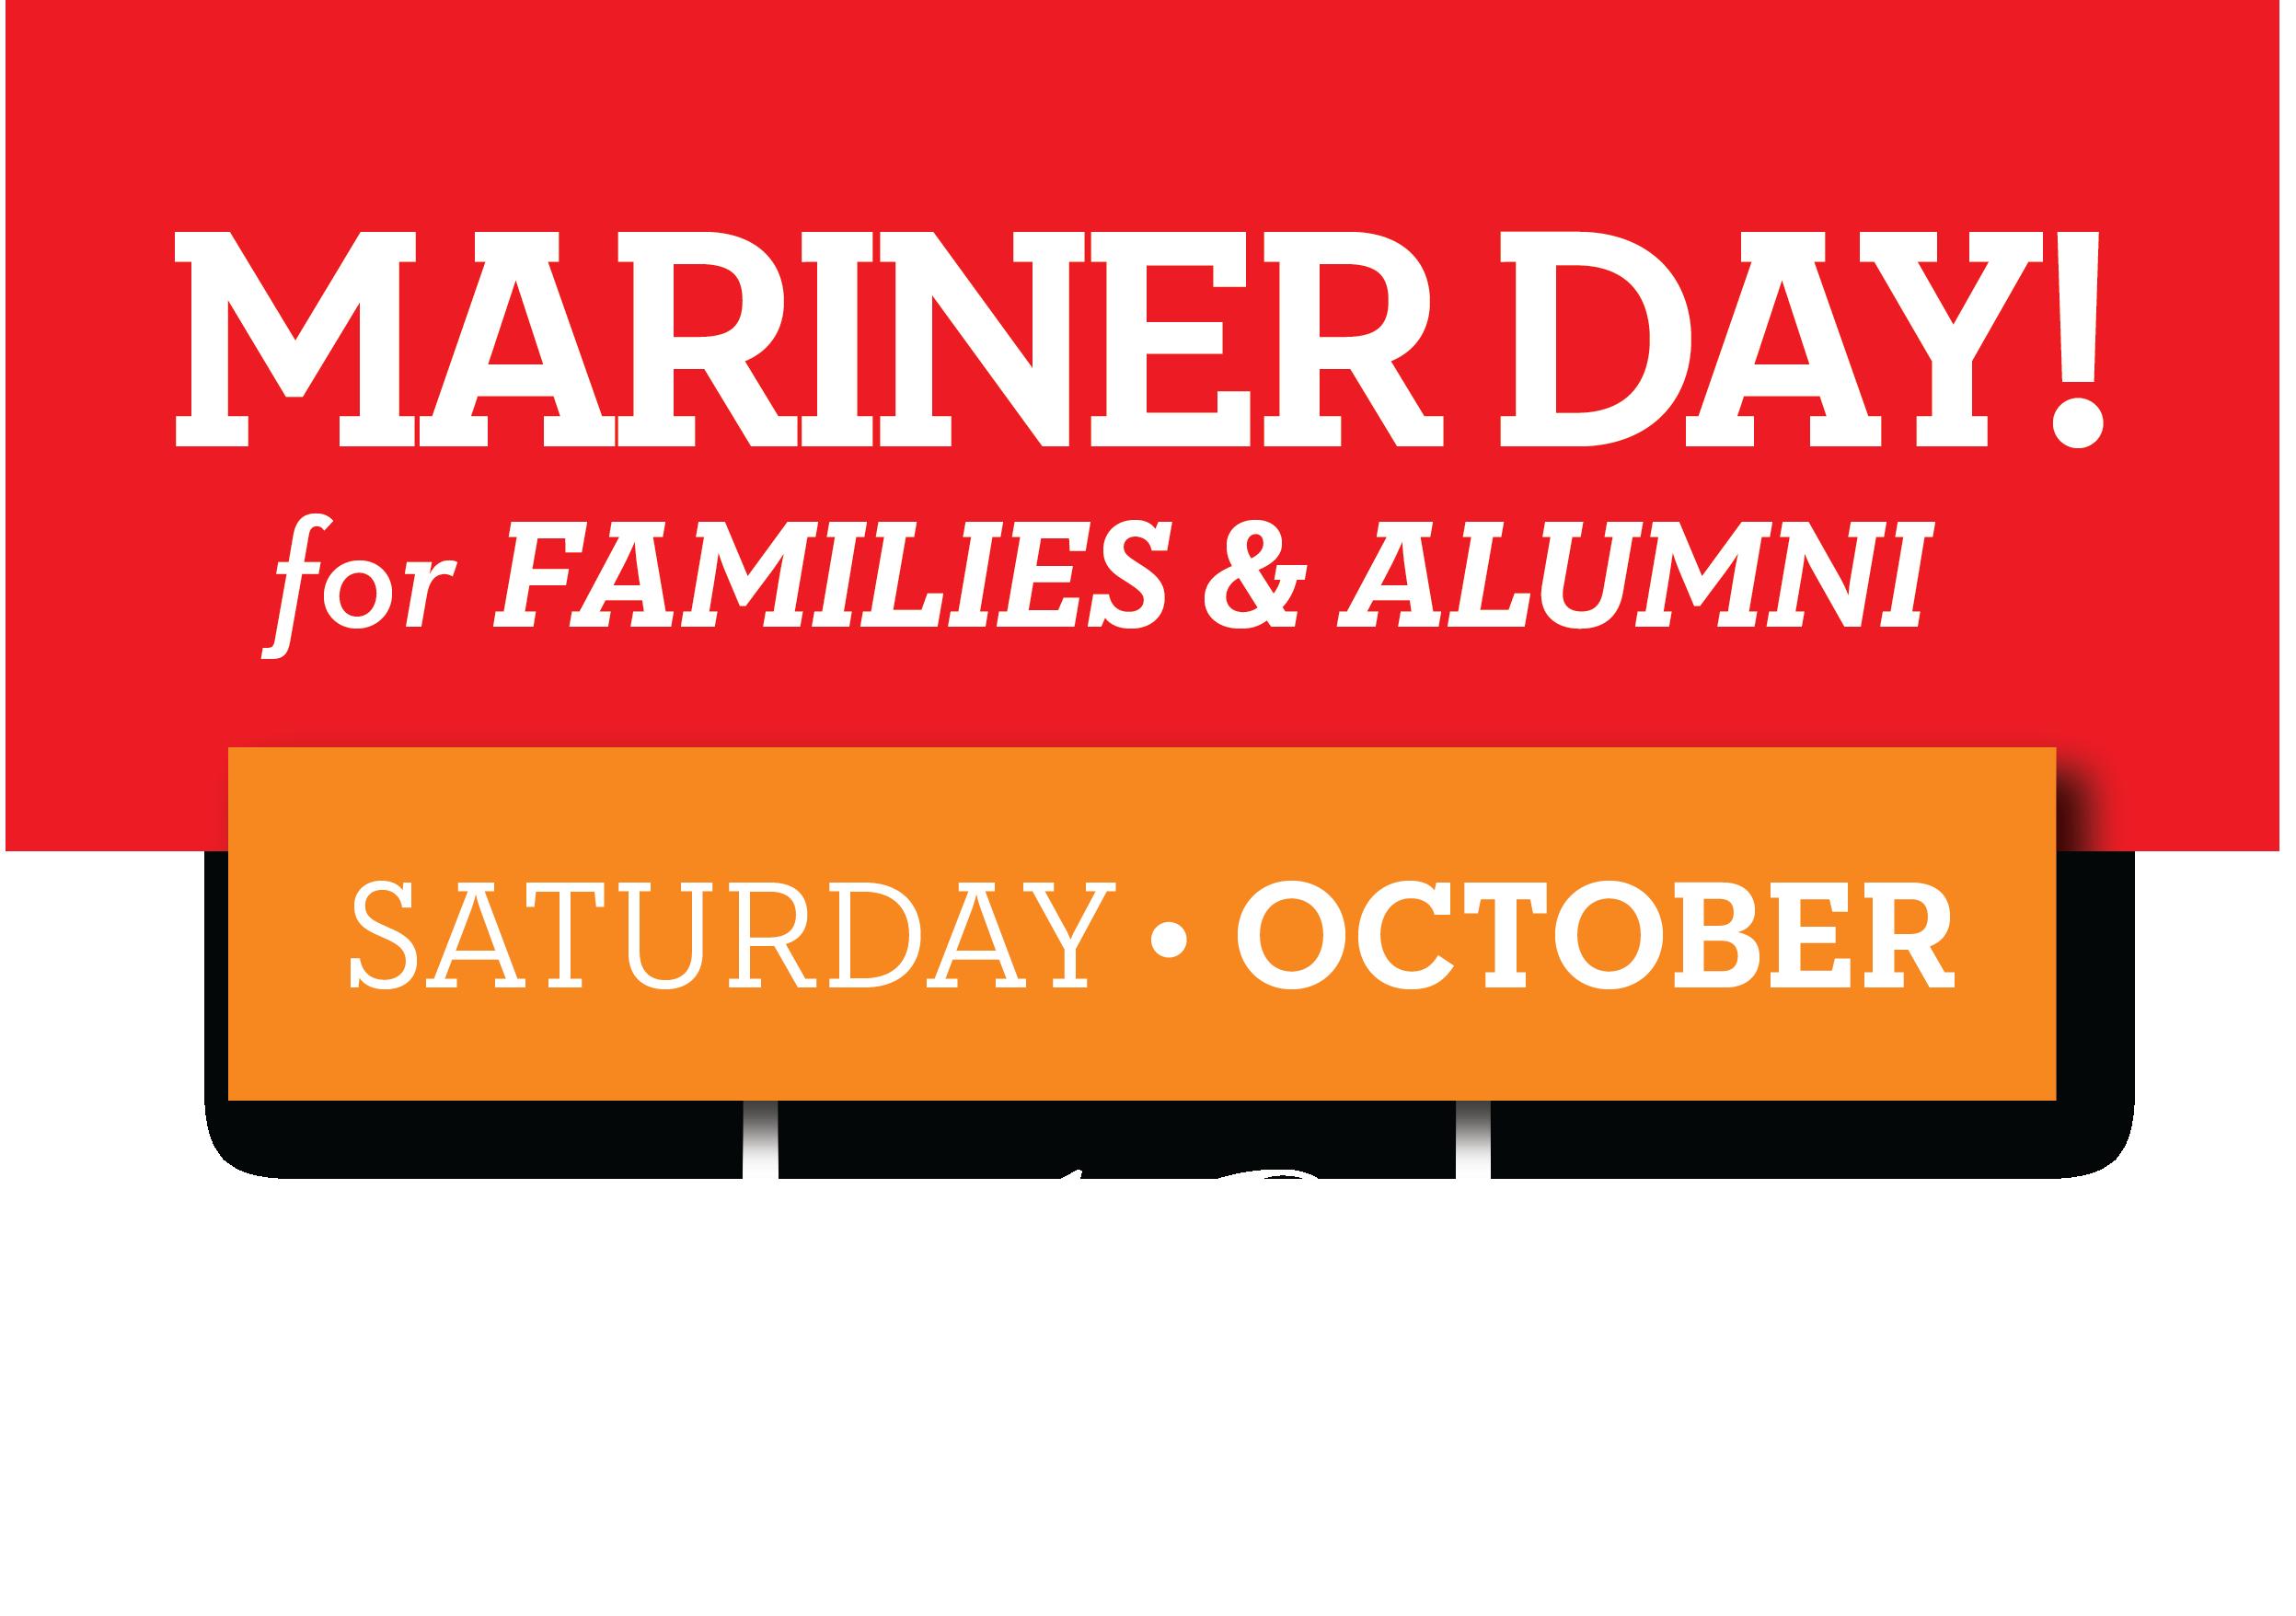 Mariner Day, Mitchell College